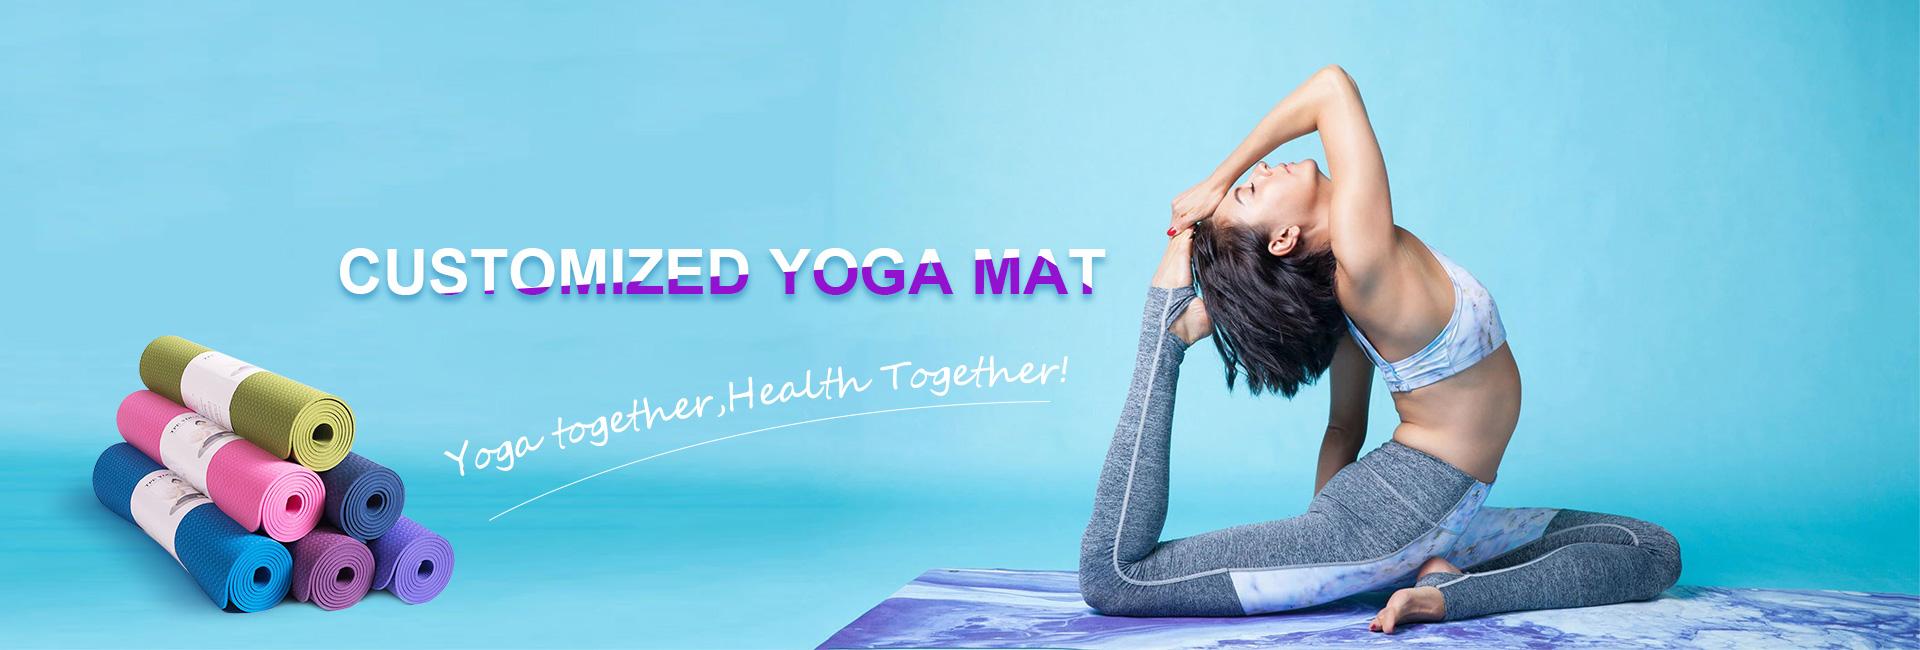 Customized Yoga mat